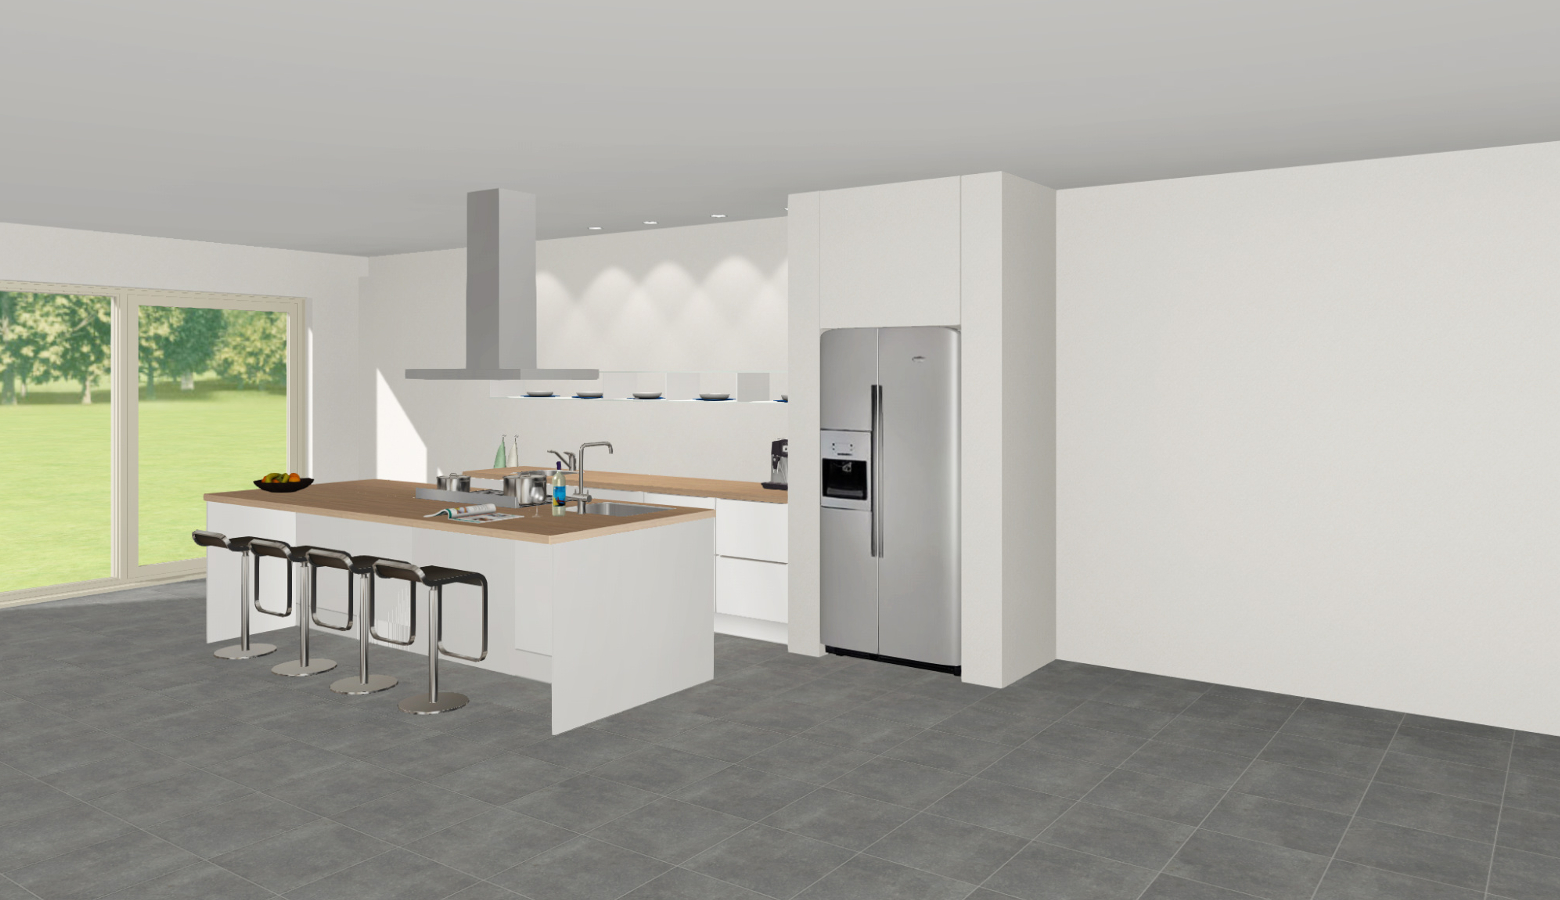 Rechte keuken bensheim steinhaus keuken kampioen - Eiland in de kleine keuken ...